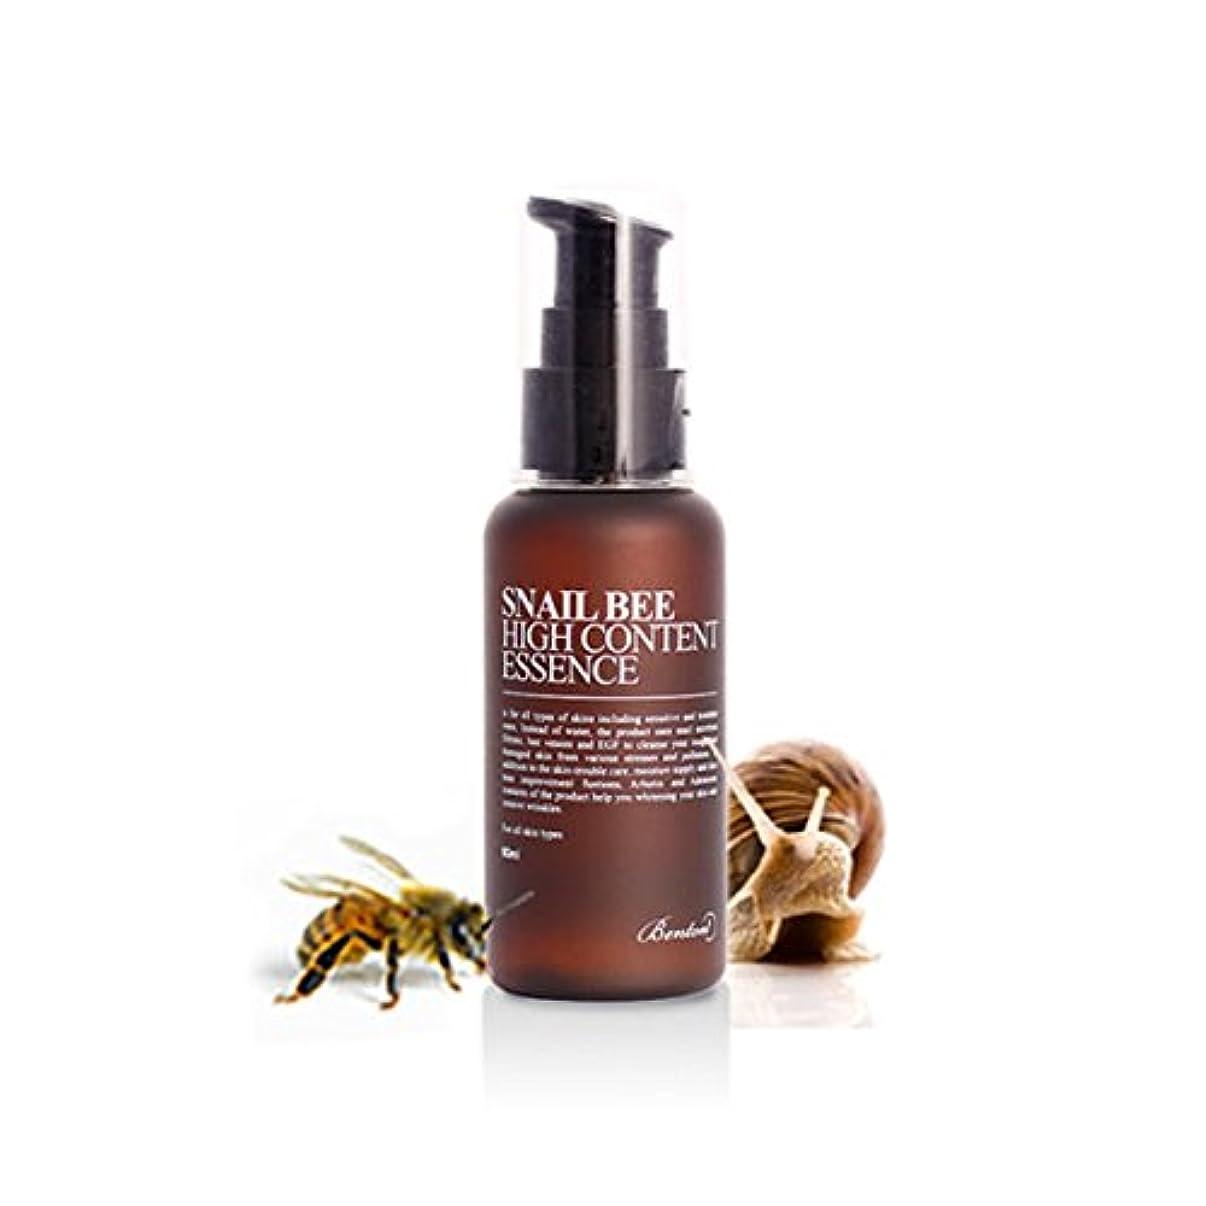 資料学部忌まわしい[ベントン] Benton カタツムリ蜂ハイコンテンツエッセンス Snail Bee High Content Essence 60ml [並行輸入品]